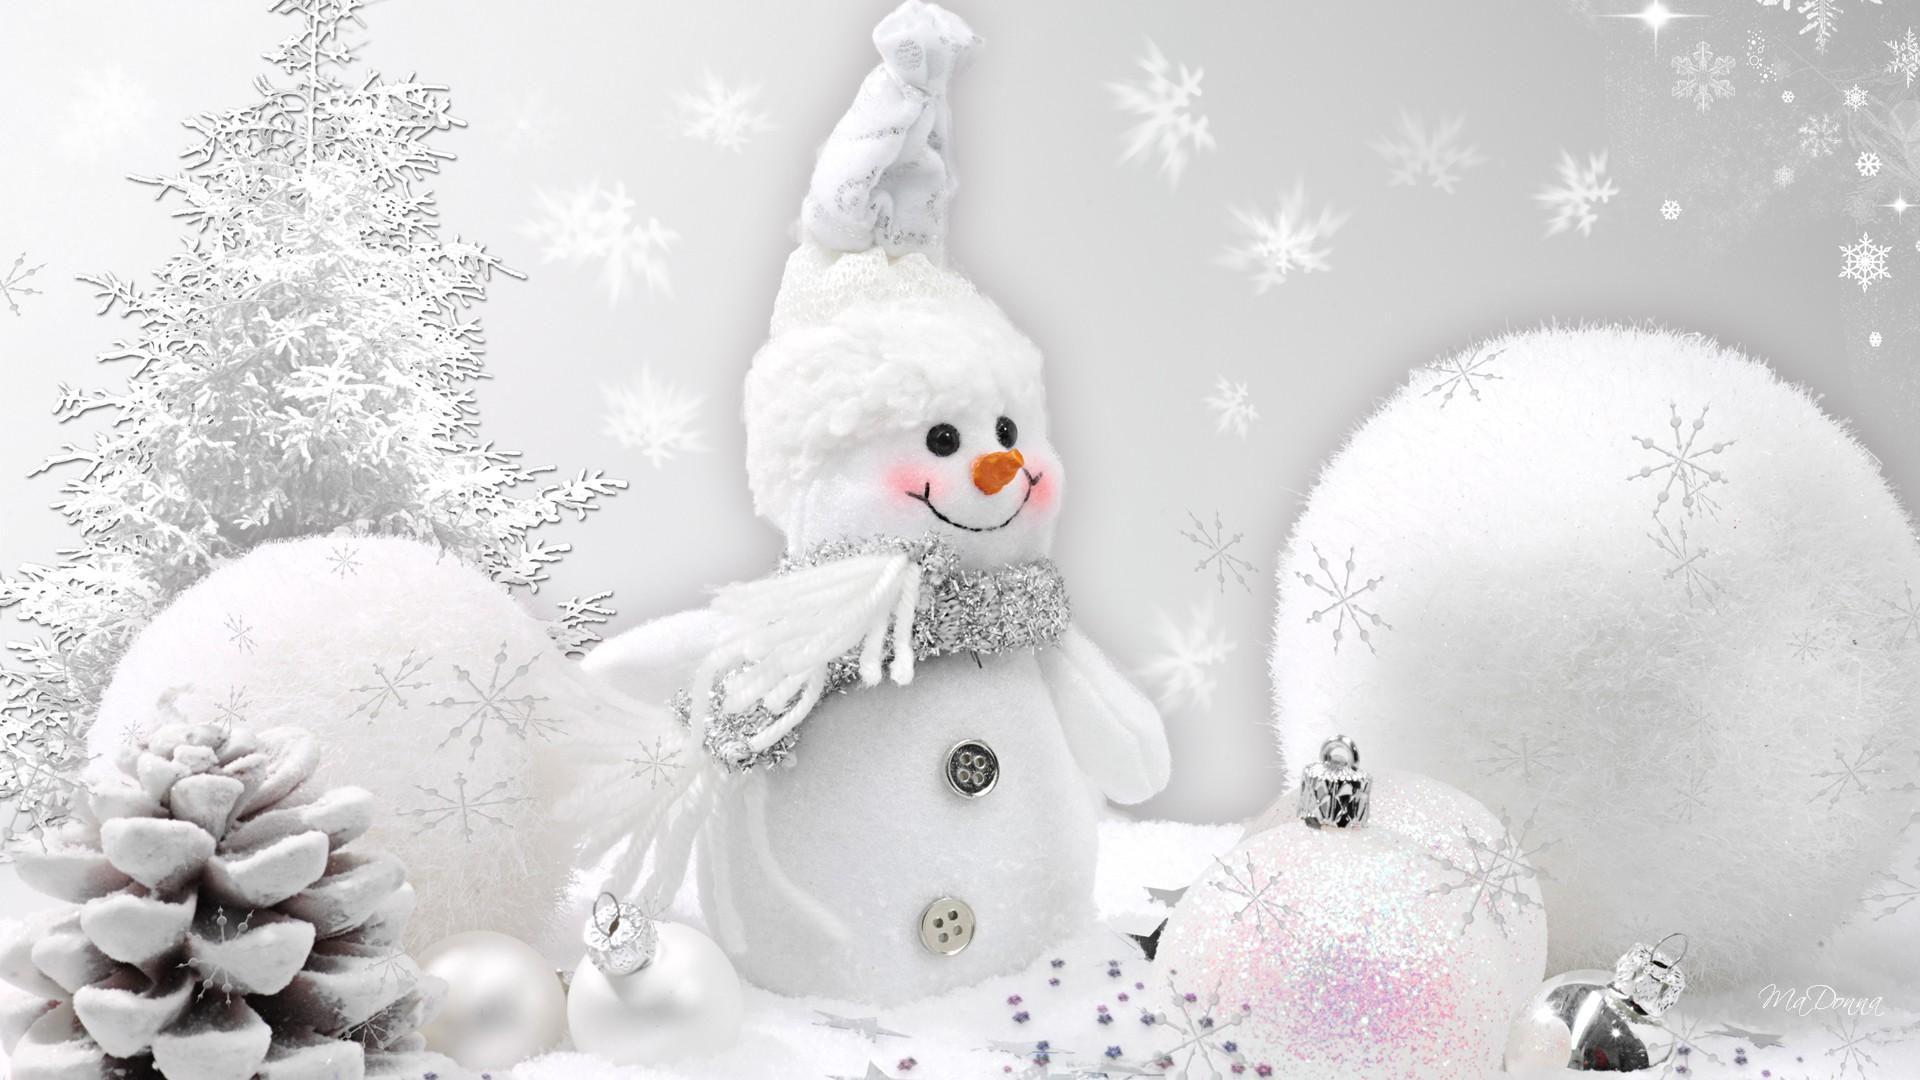 So Sweet Snowman Hd Wallpaper Get It Now Snowman Wallpaper Christmas Artwork Christmas Wallpaper